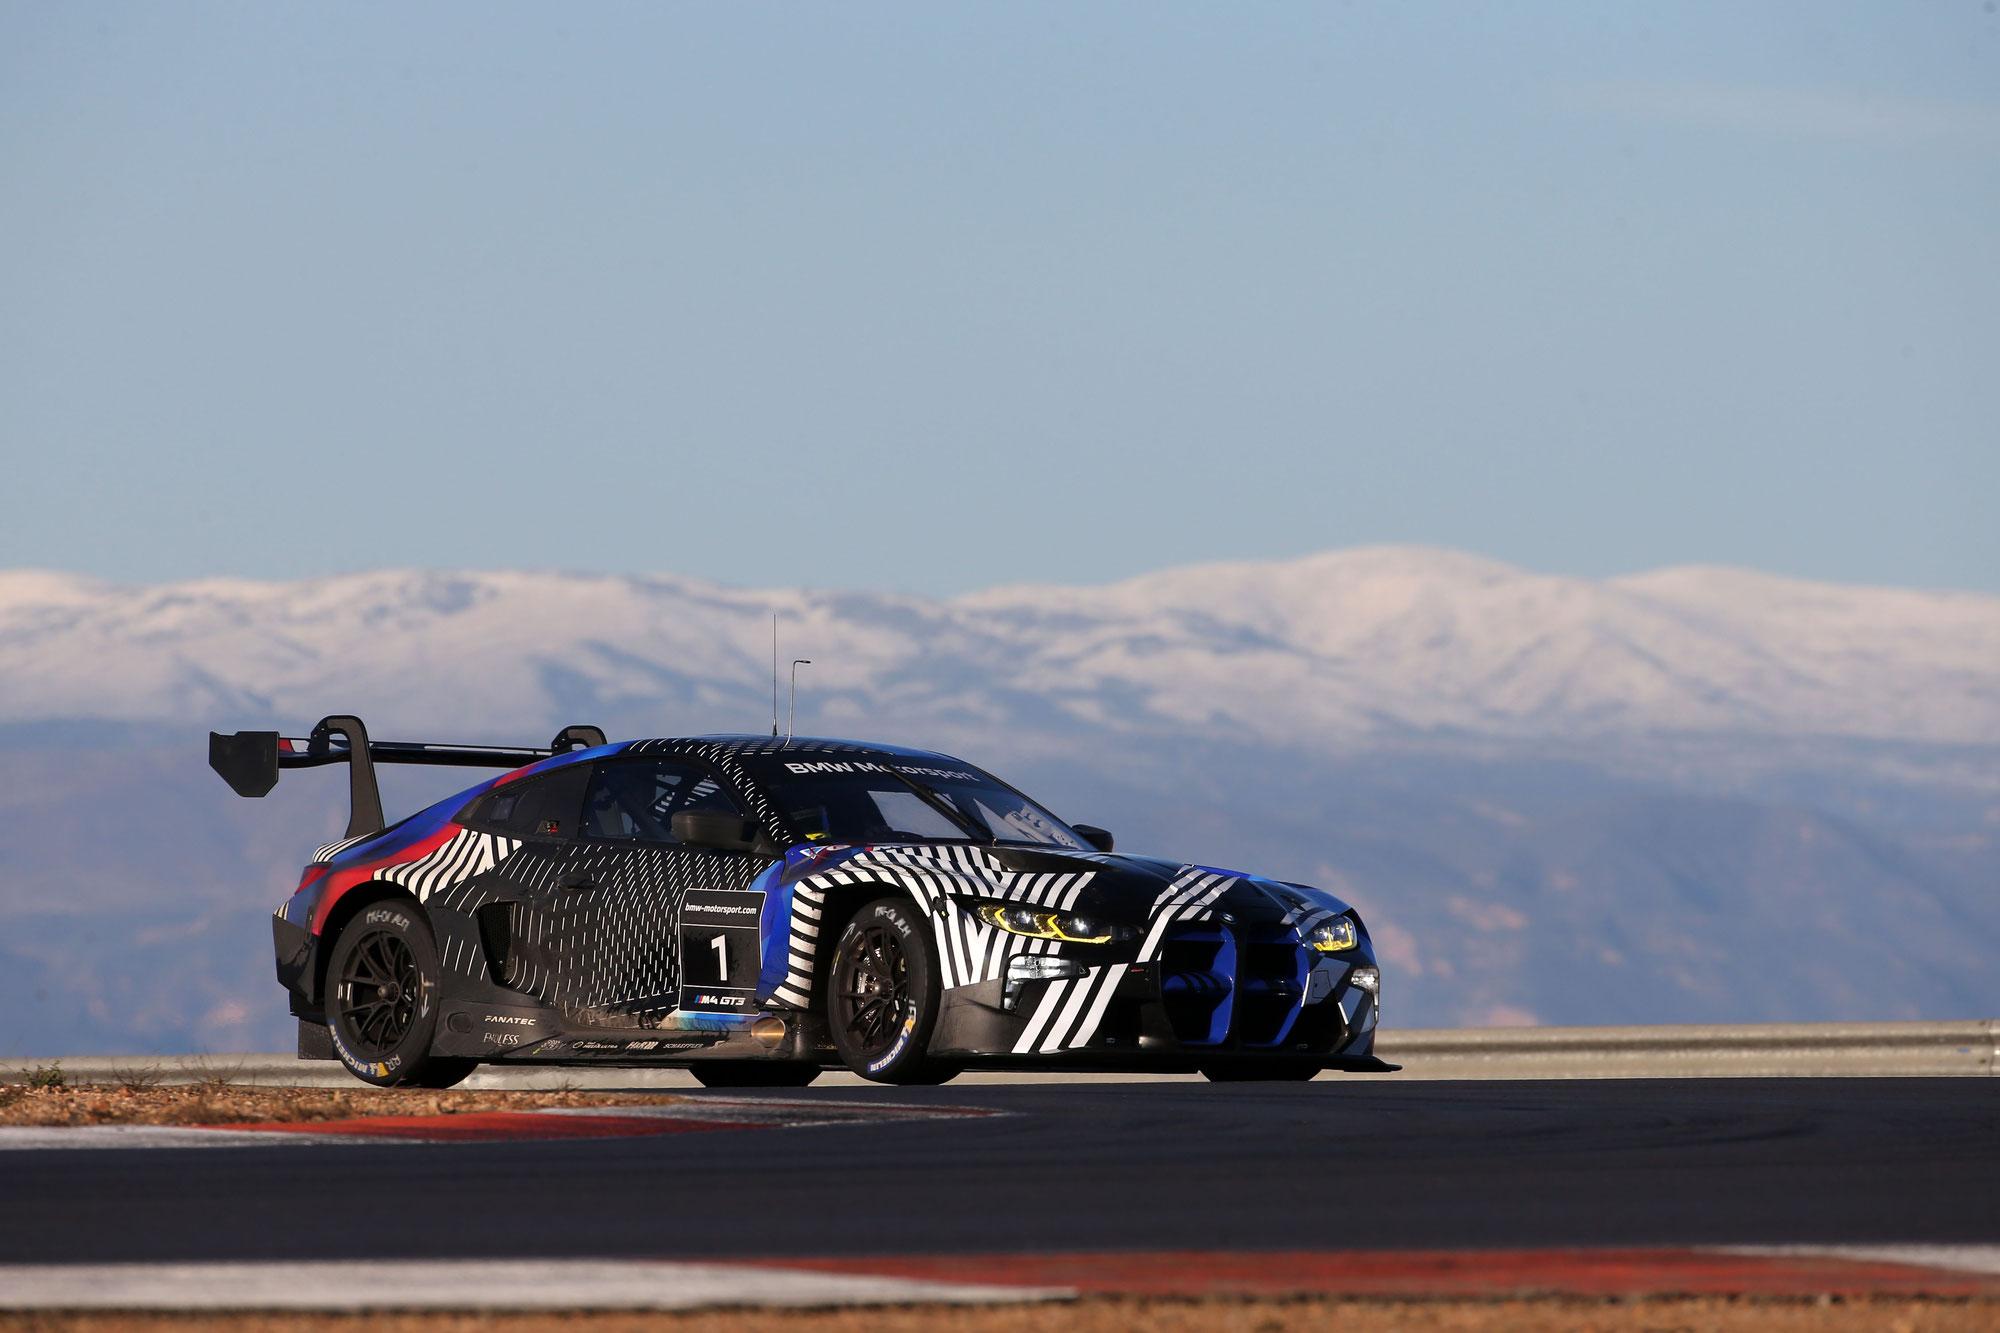 Testbetrieb auf Hochtouren: BMW M4 GT3 hat bereits mehr als 12.000 Kilometer absolviert